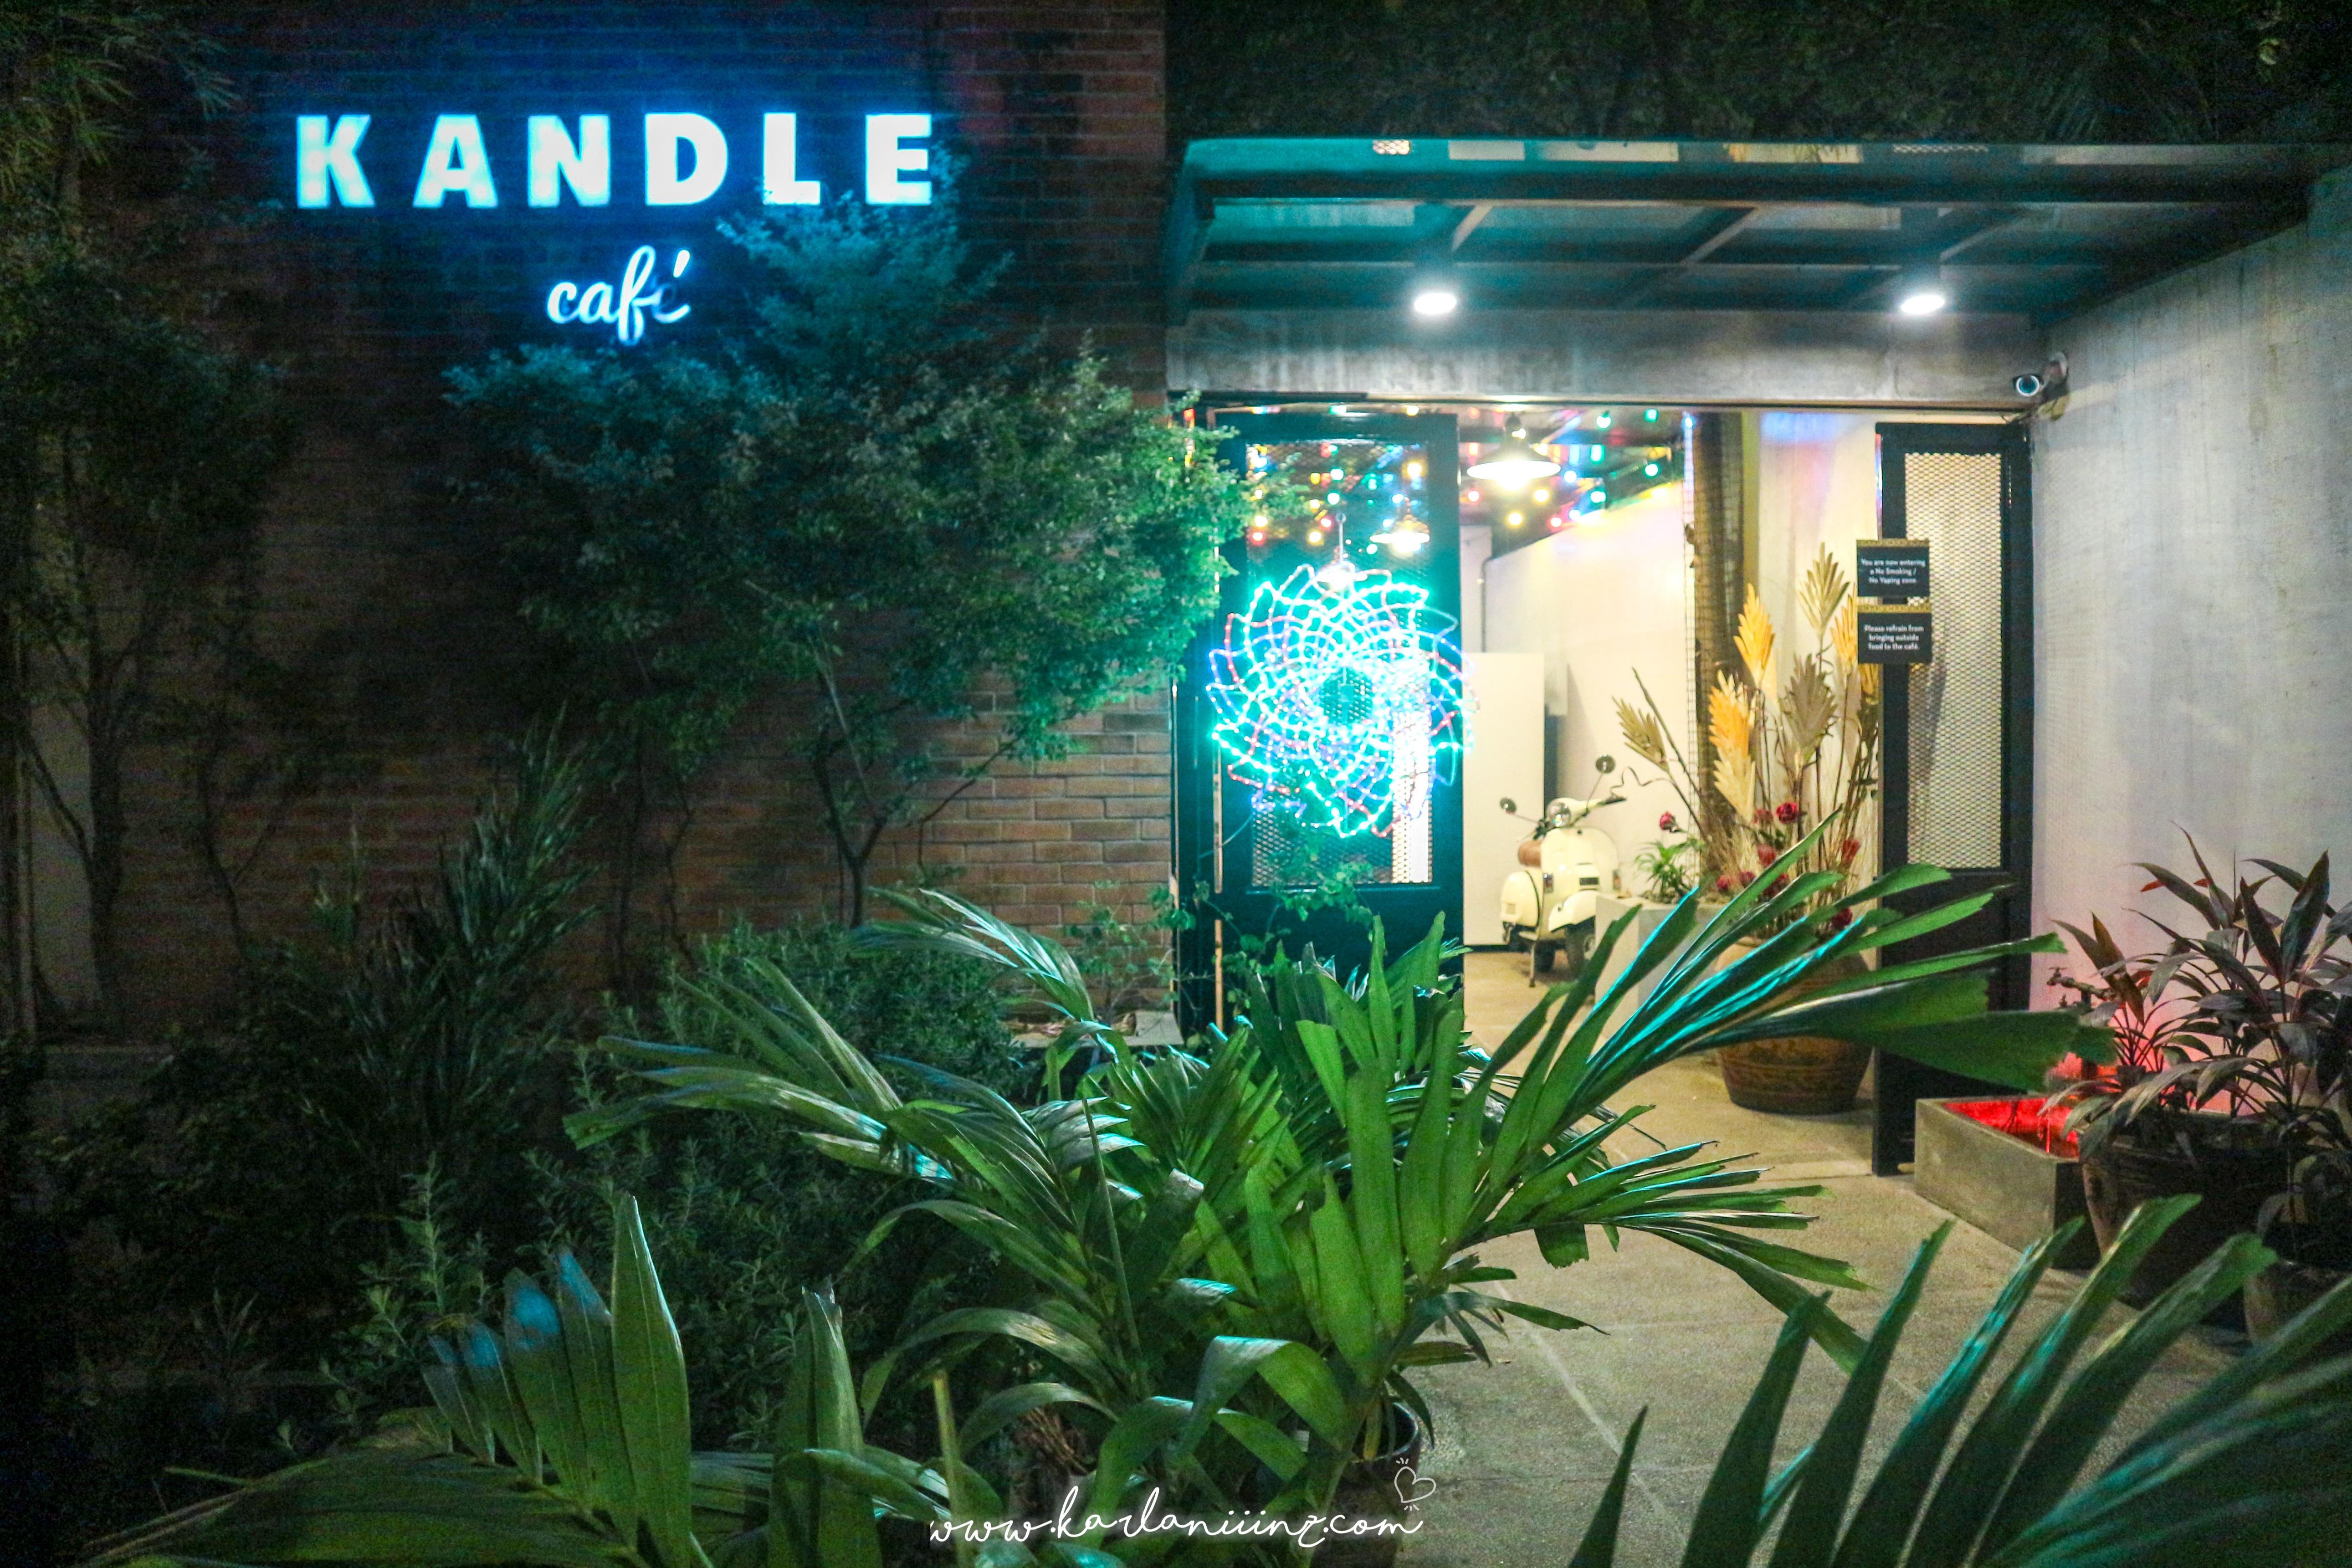 kandle cafe